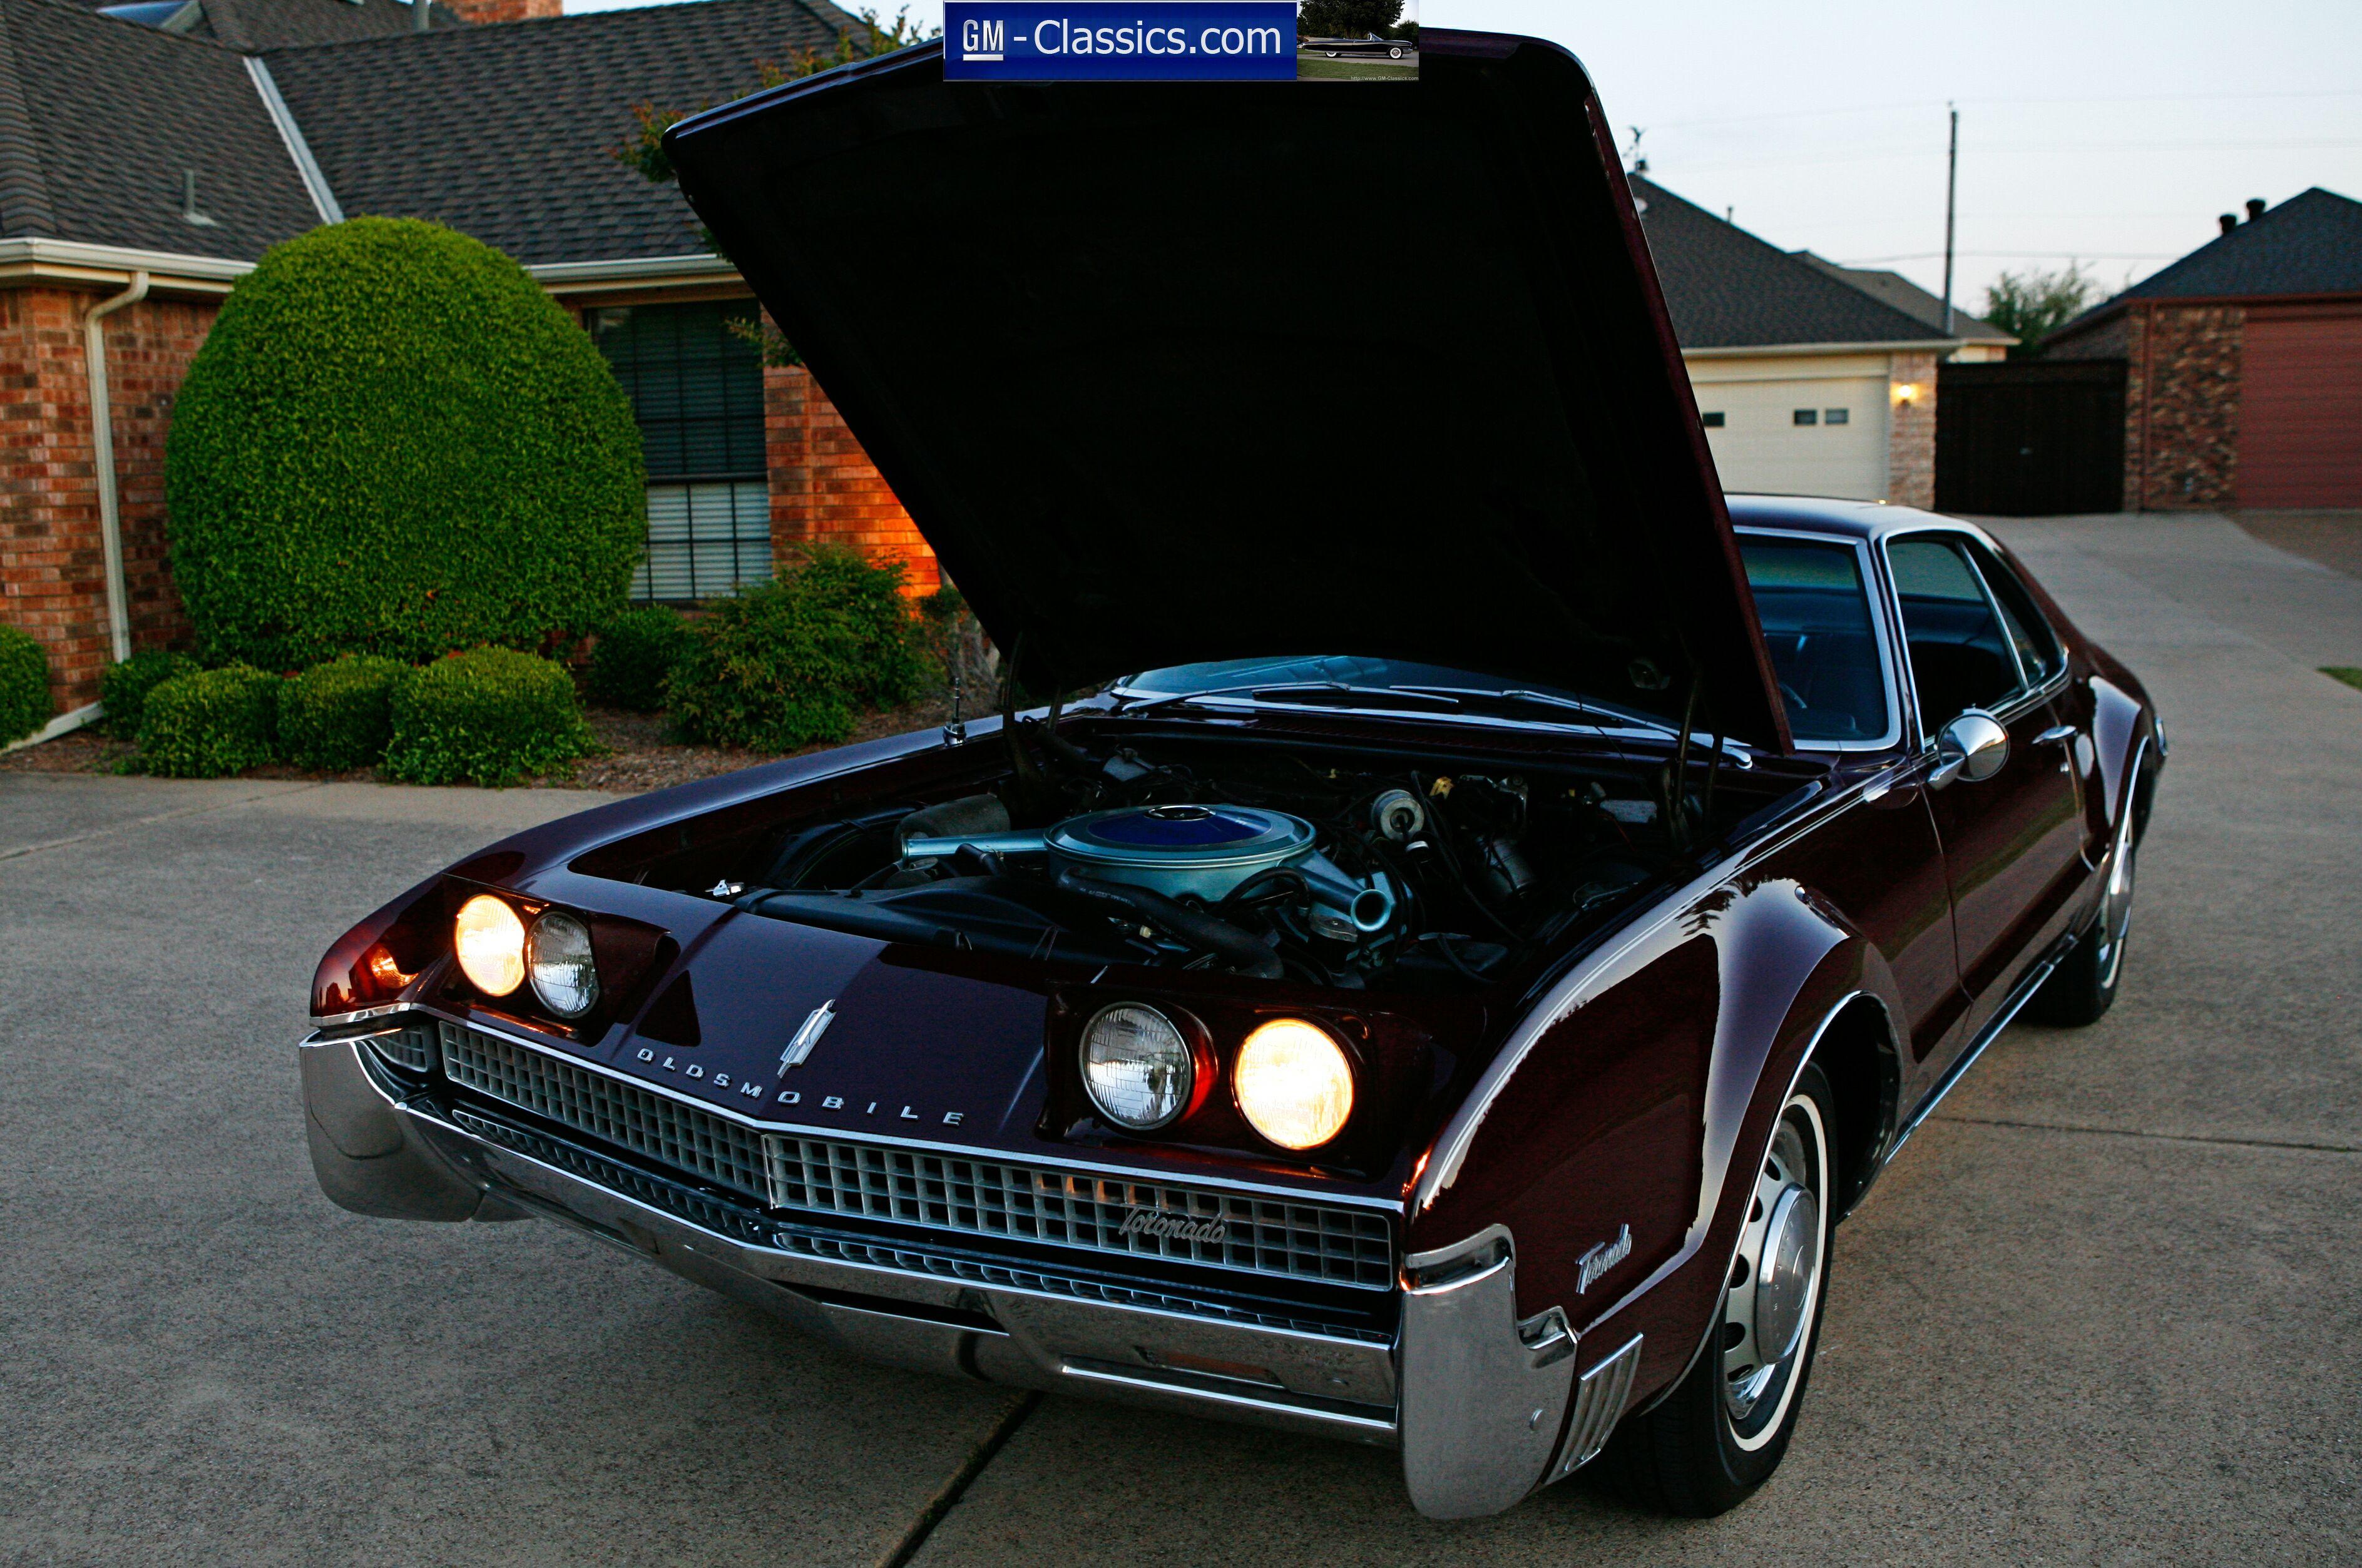 Storage For Cars >> 1967 Oldsmobile Toronado - GM-Classics.com